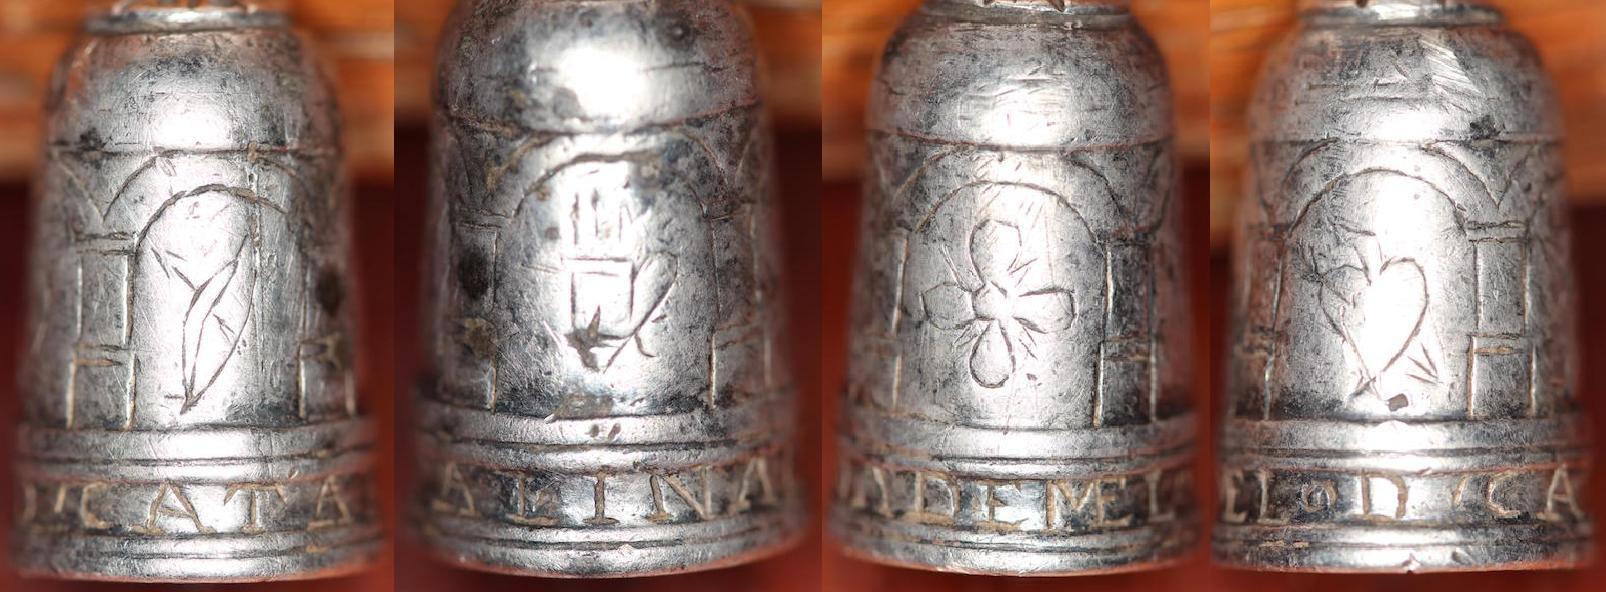 Dedal de Plata, encontrado con detector de metales.